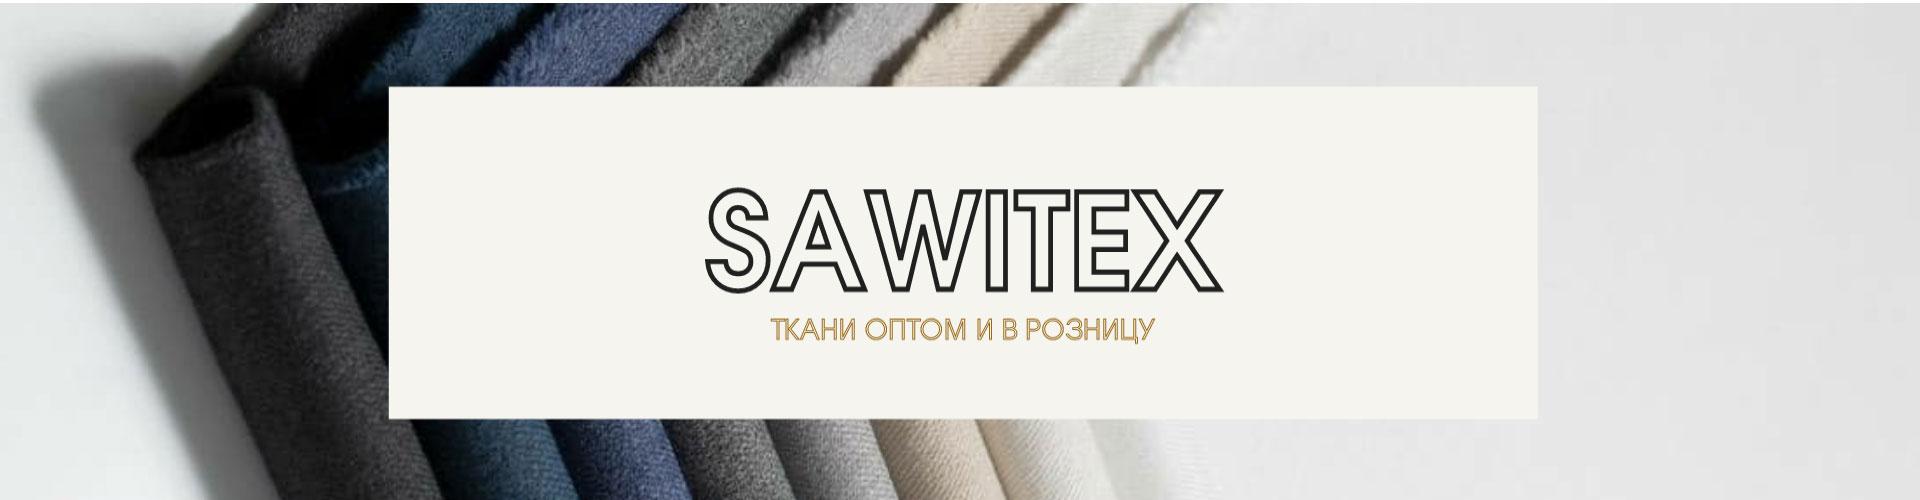 sawitex3